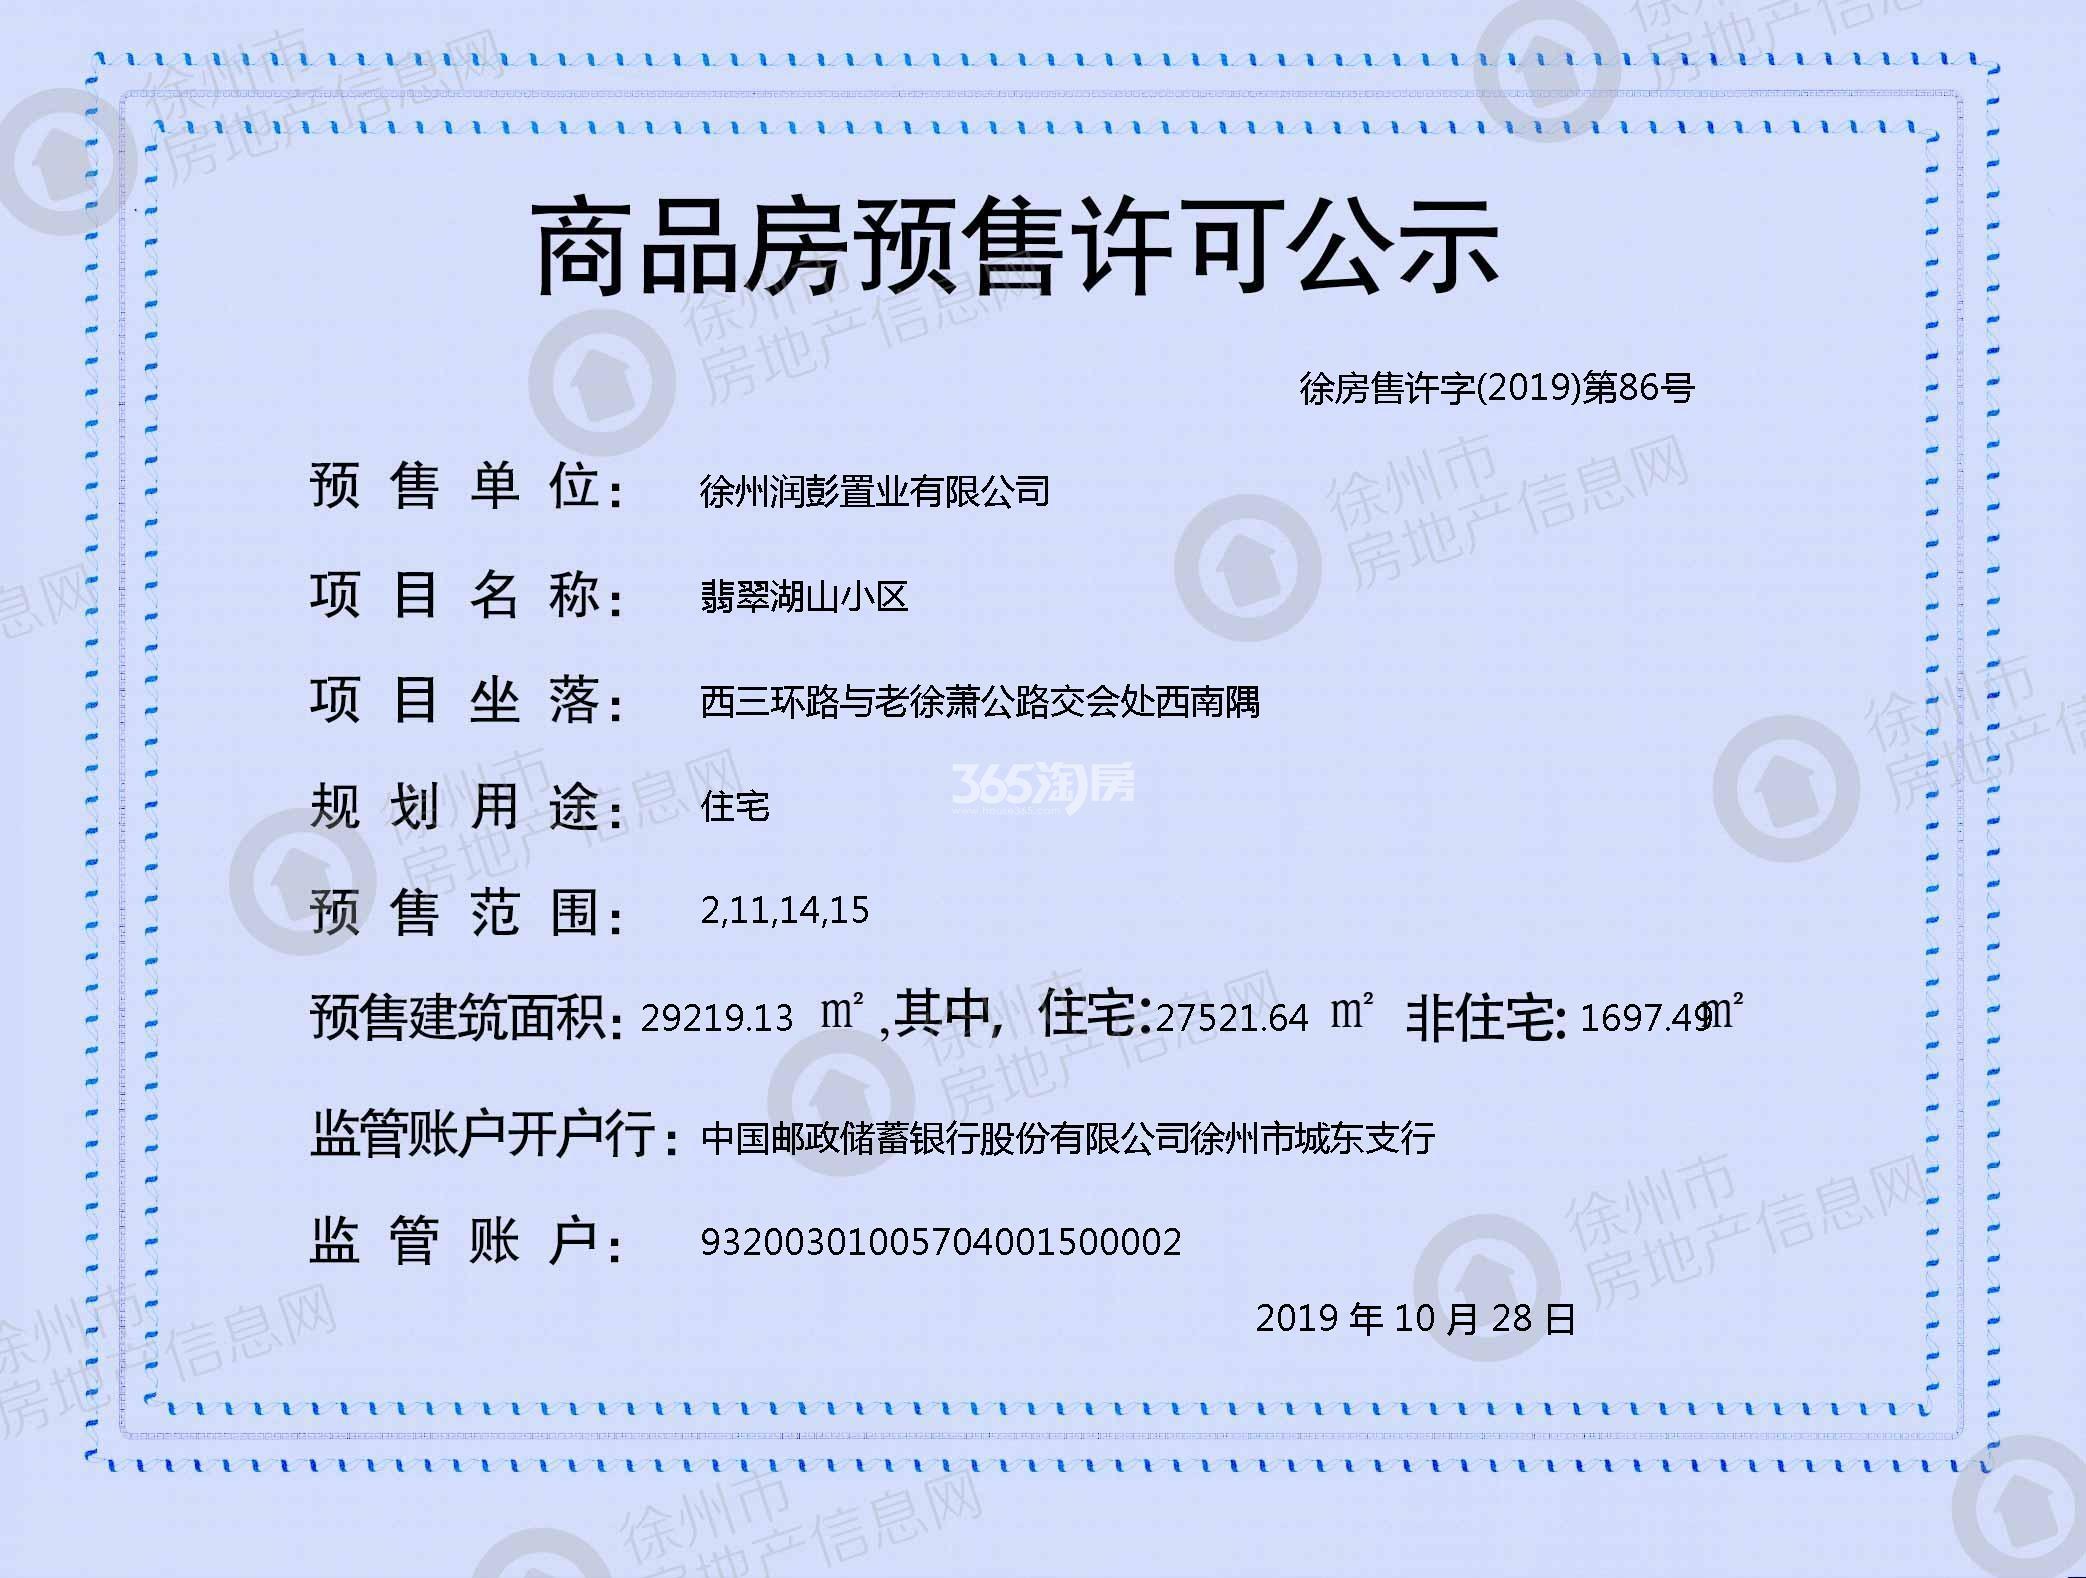 万科翡翠湖山预售证 预售范围(2、11、14、15)